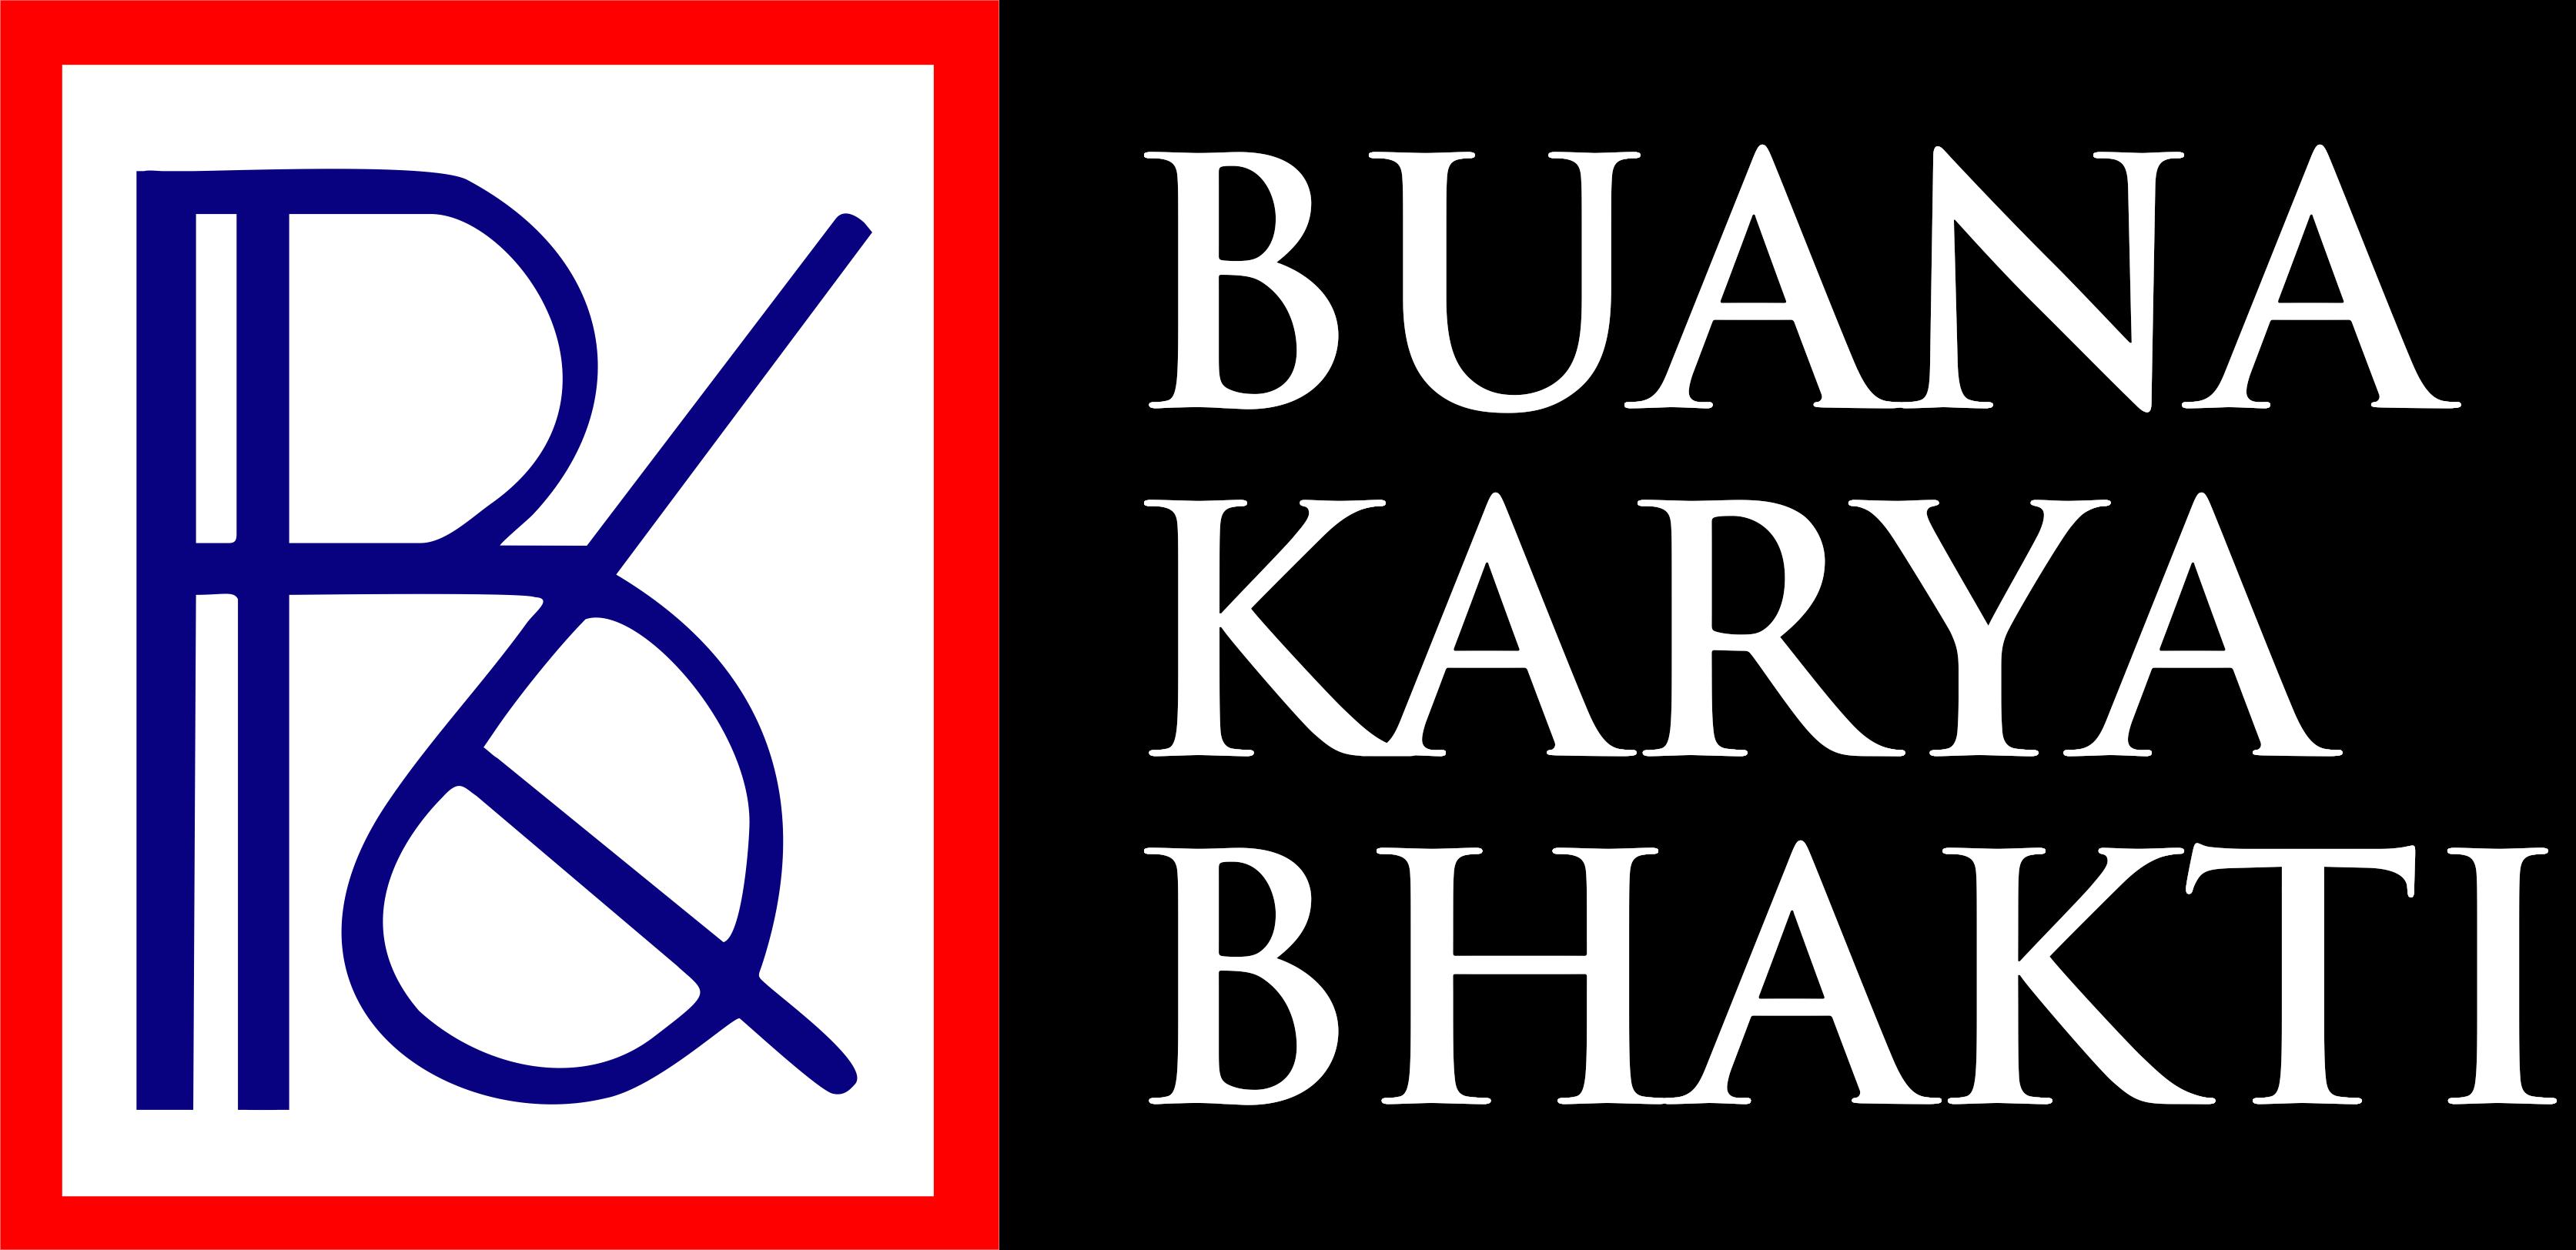 PT. Buana Karya Bhakti